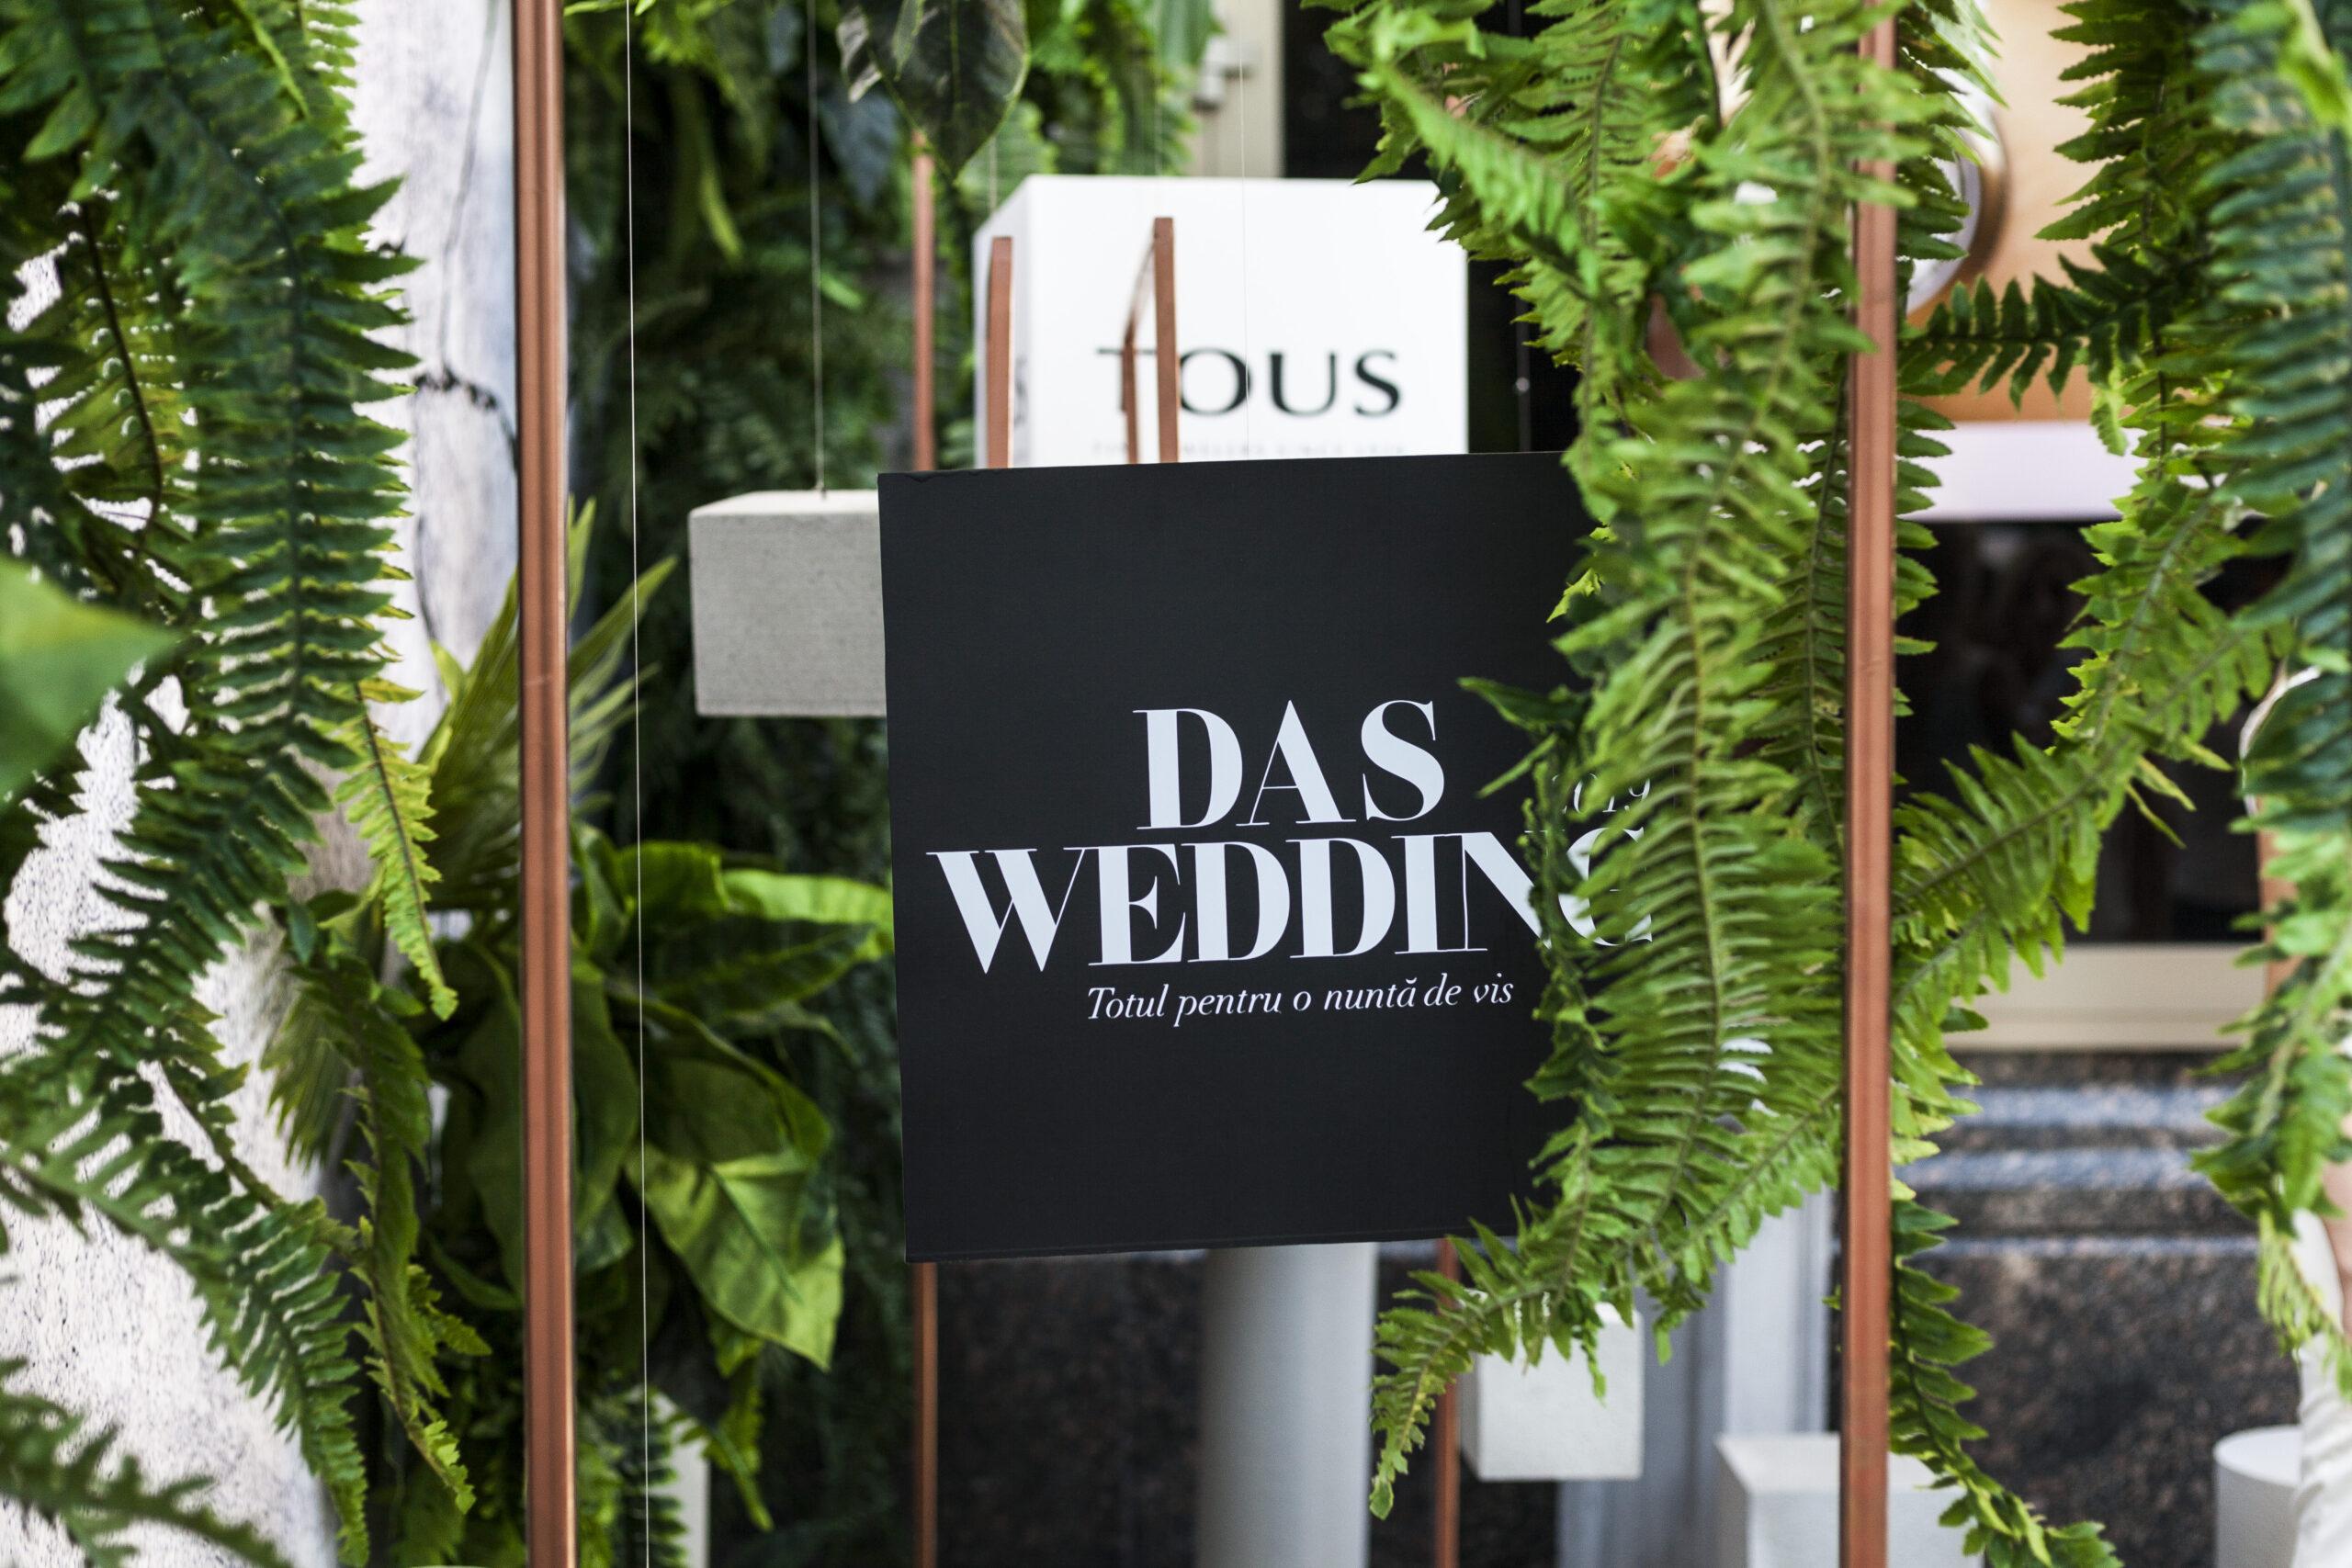 Gif DAS WEDDING 2019